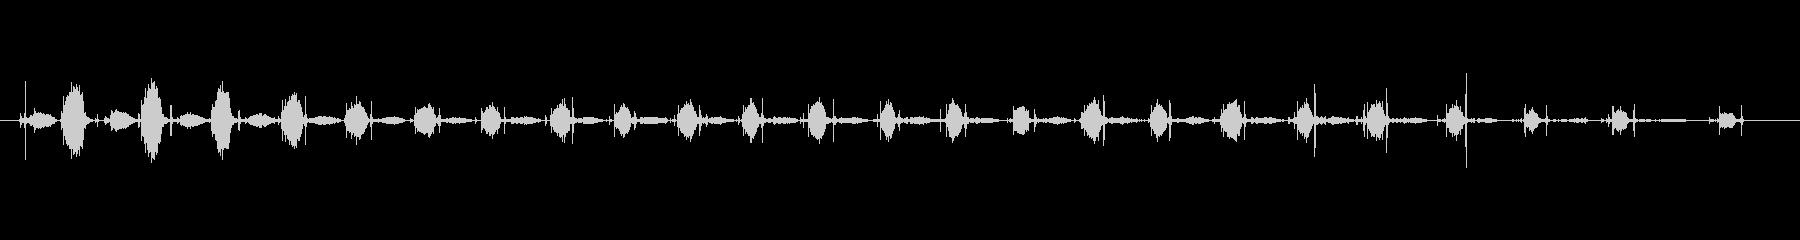 旧血圧計:アームバンド、病院、医療...の未再生の波形